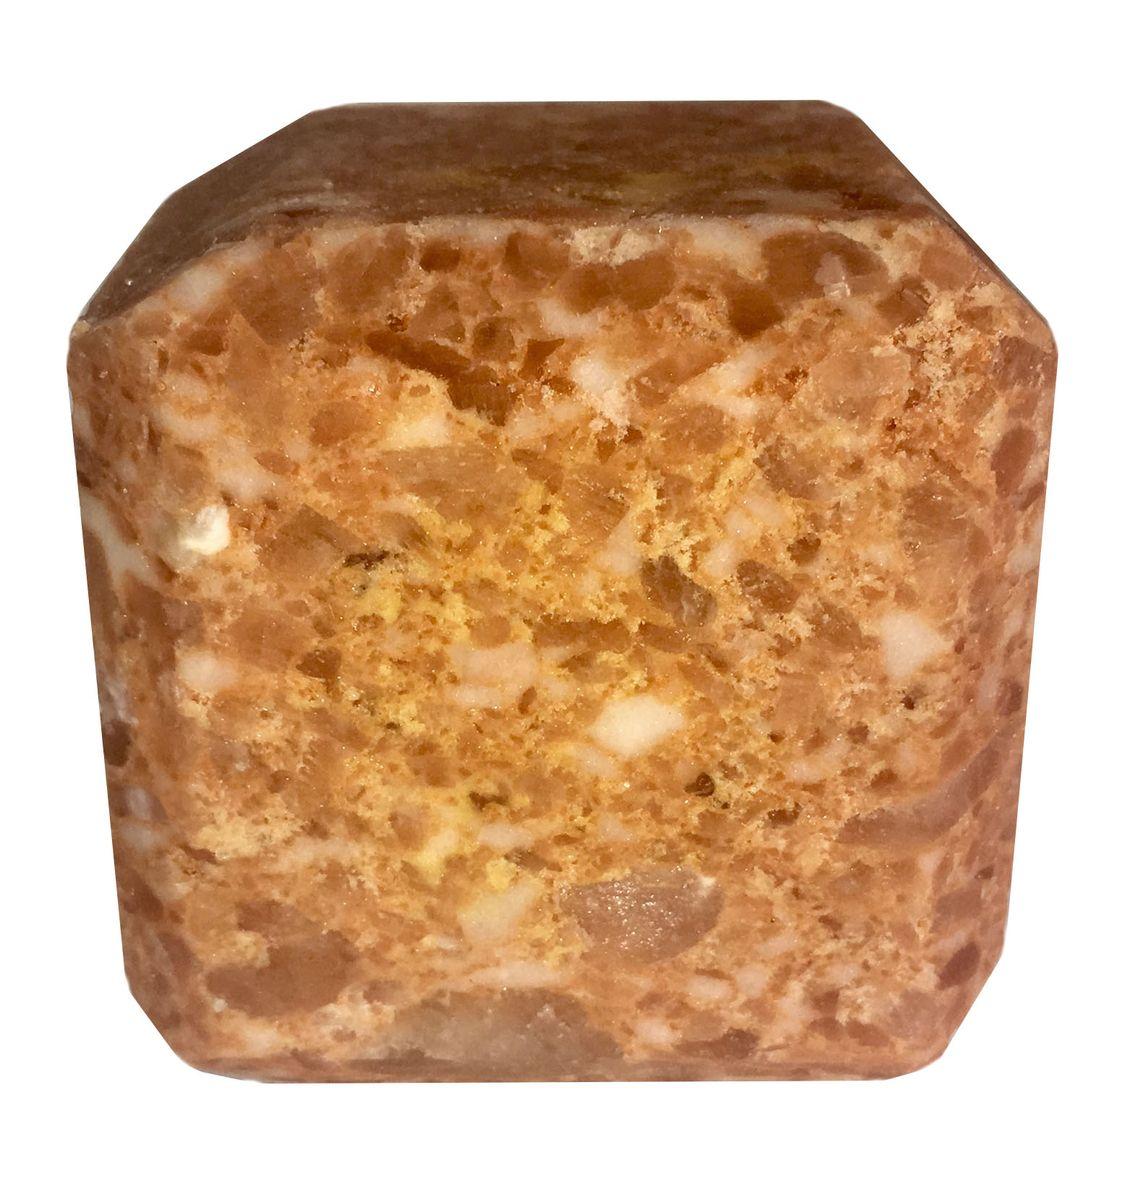 Соль для бани Proffi Sauna, с маслом апельсинаPS0552Прессованный кубик из соли для сауны с ароматом апельсина. Заходя в бане/ сауне в парилку, Вы ставите кубик из соли на камни и поливаете камень водой. В результате образуется облако соляного пара, а по всей парилке разносится приятный аромат. 1 кубик рассчитан на 1 применение. Состав: чистая природная структурированная соль, эфирное масло.